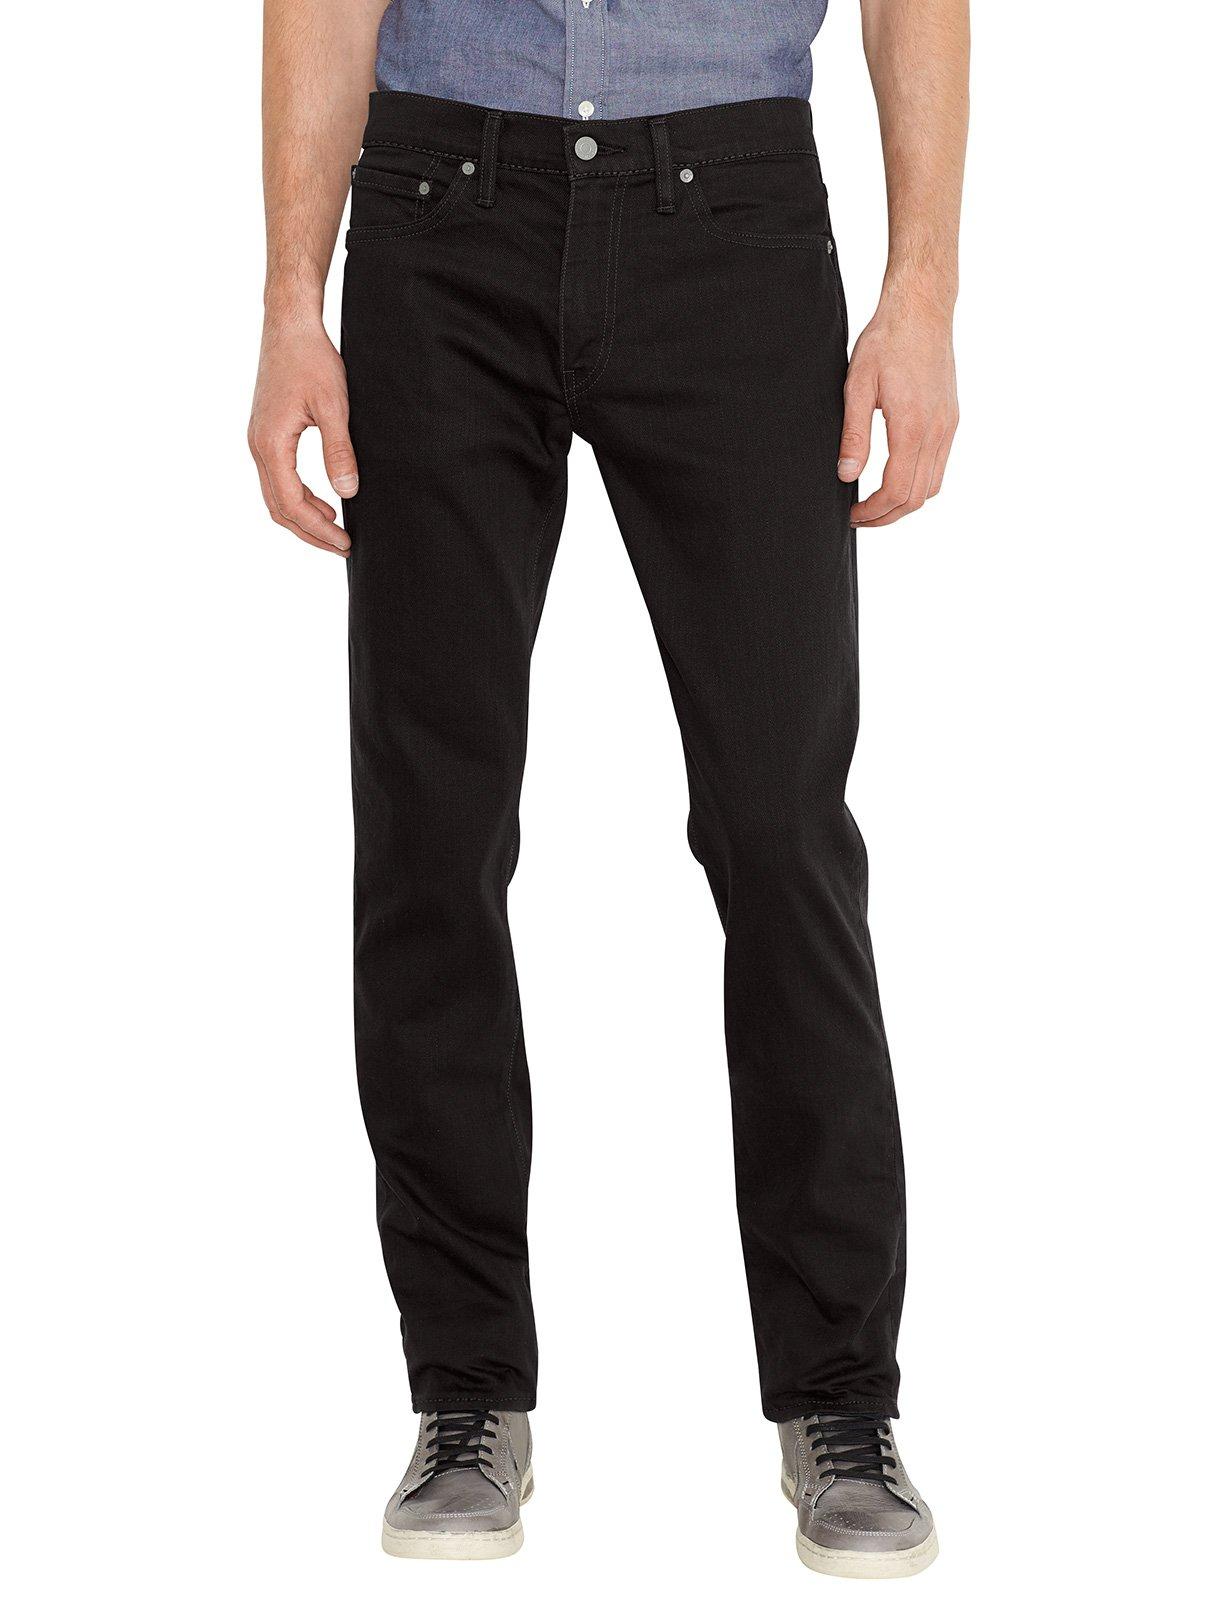 Levi's Mens 511 Slim Fit Jeans Black Size 32 Length 30